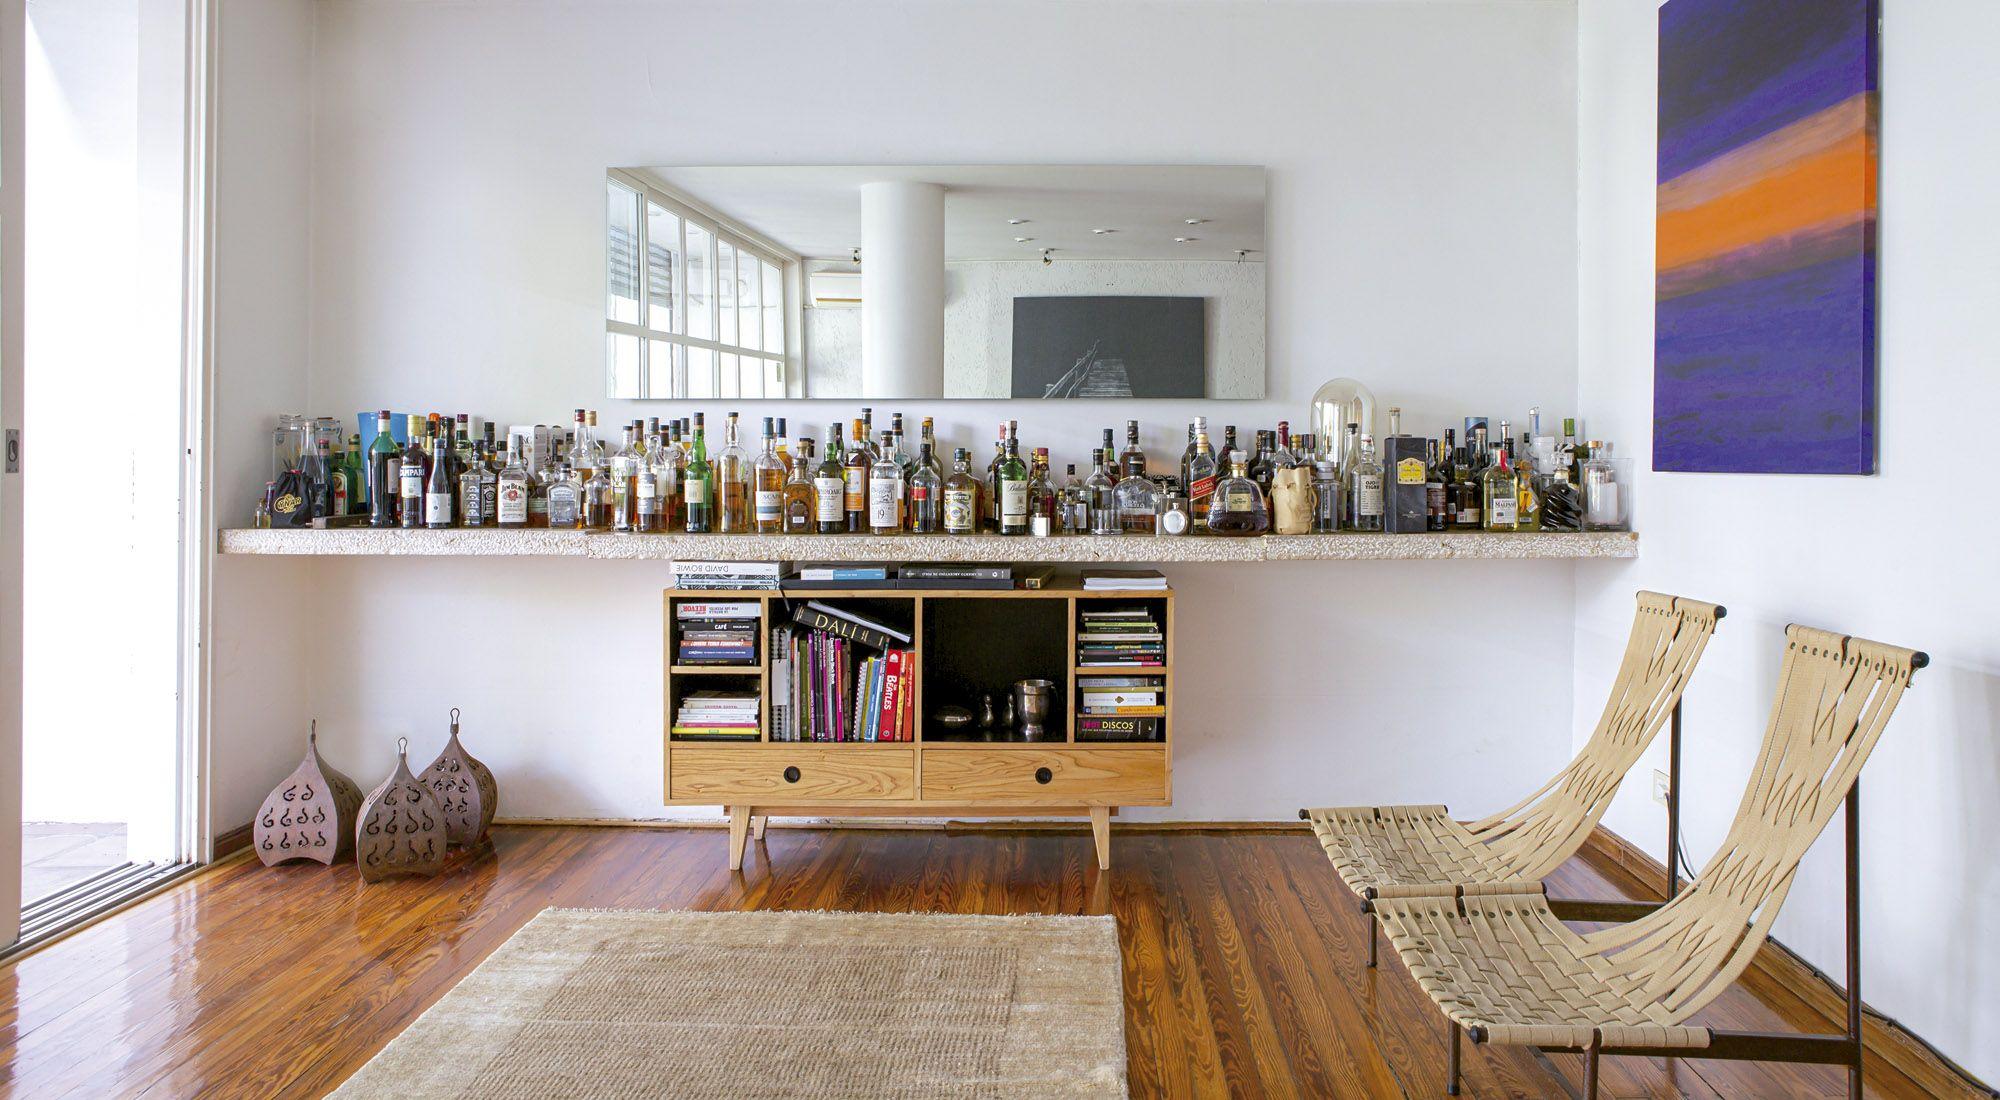 En fotos: así es la casa de Mona Gallosi